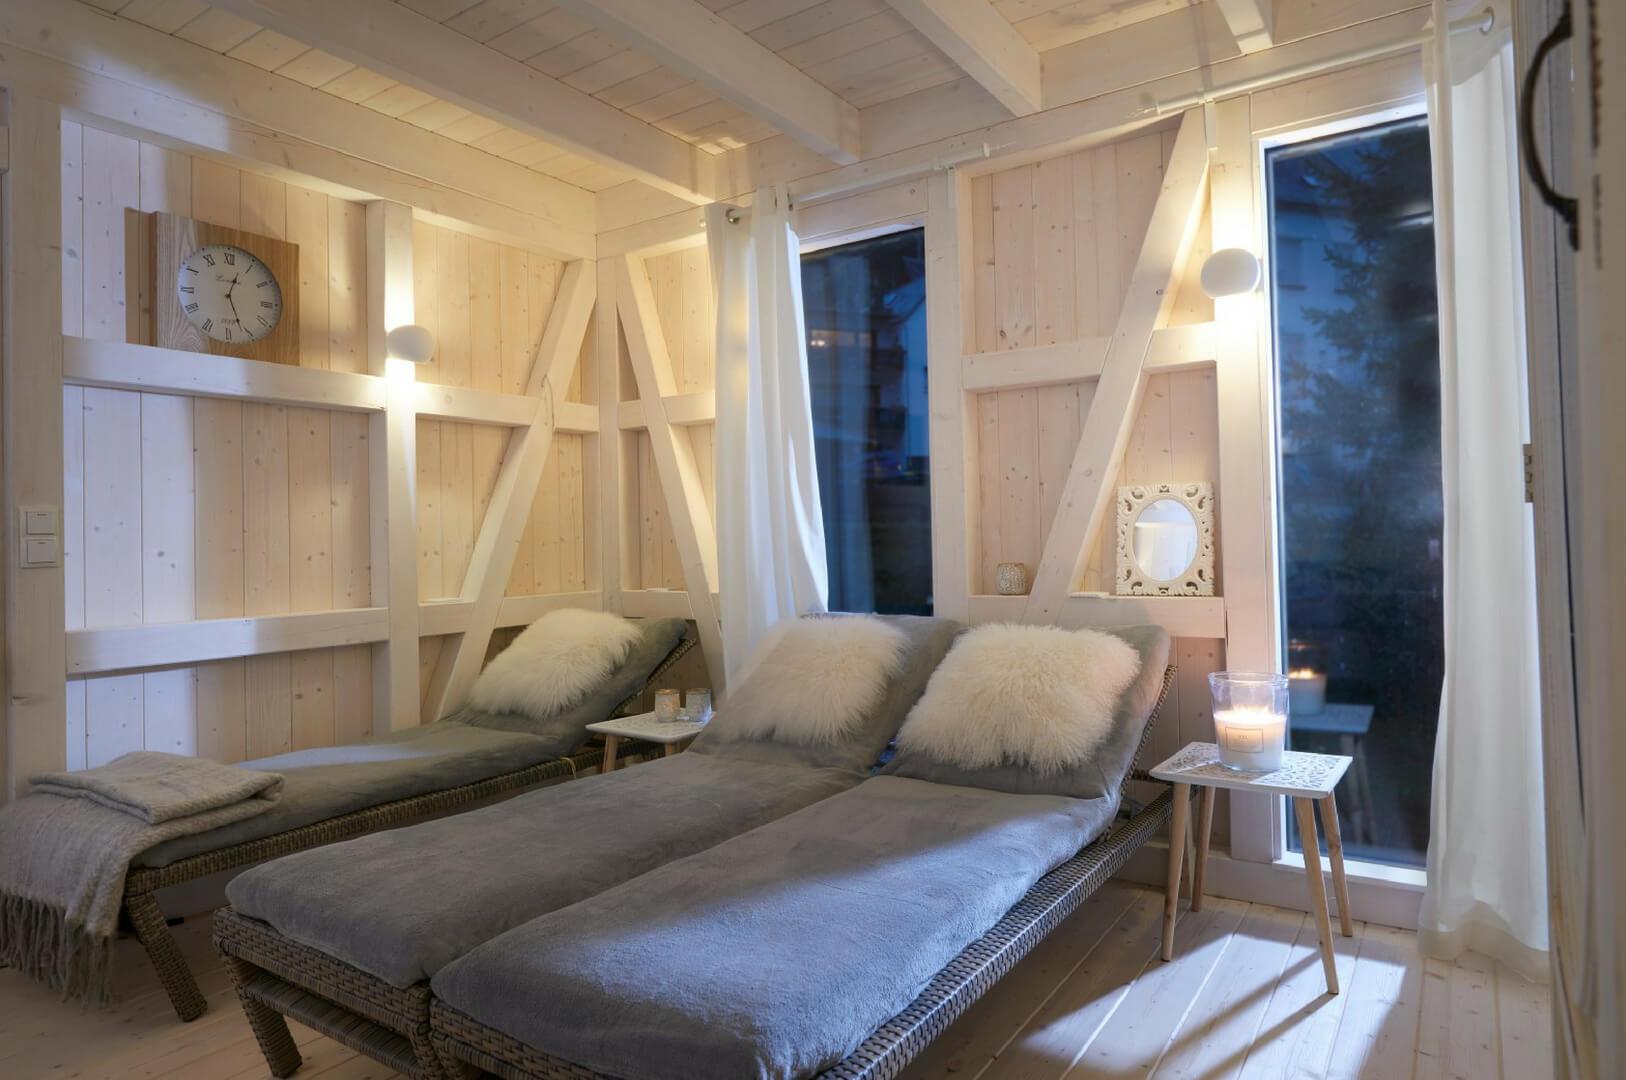 villapparte luxe vakantiehuis appletree met sauna 12 personen moezel duitsland relaxruimte